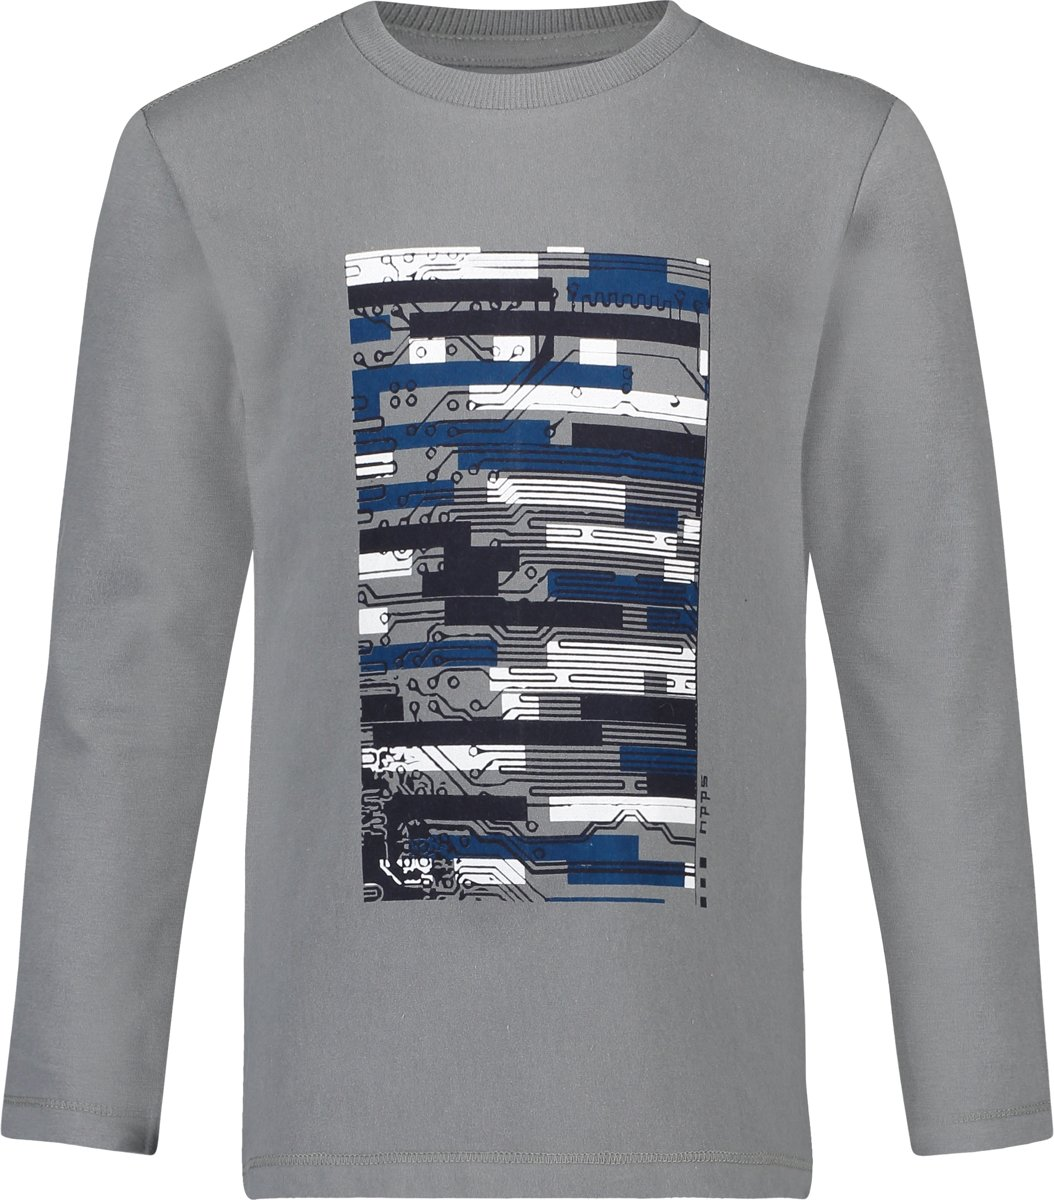 Officiel Scrapers T Shirt Logo Gris pour homme Classic Rock Metal Band T-shirt Unisexe Nouveau